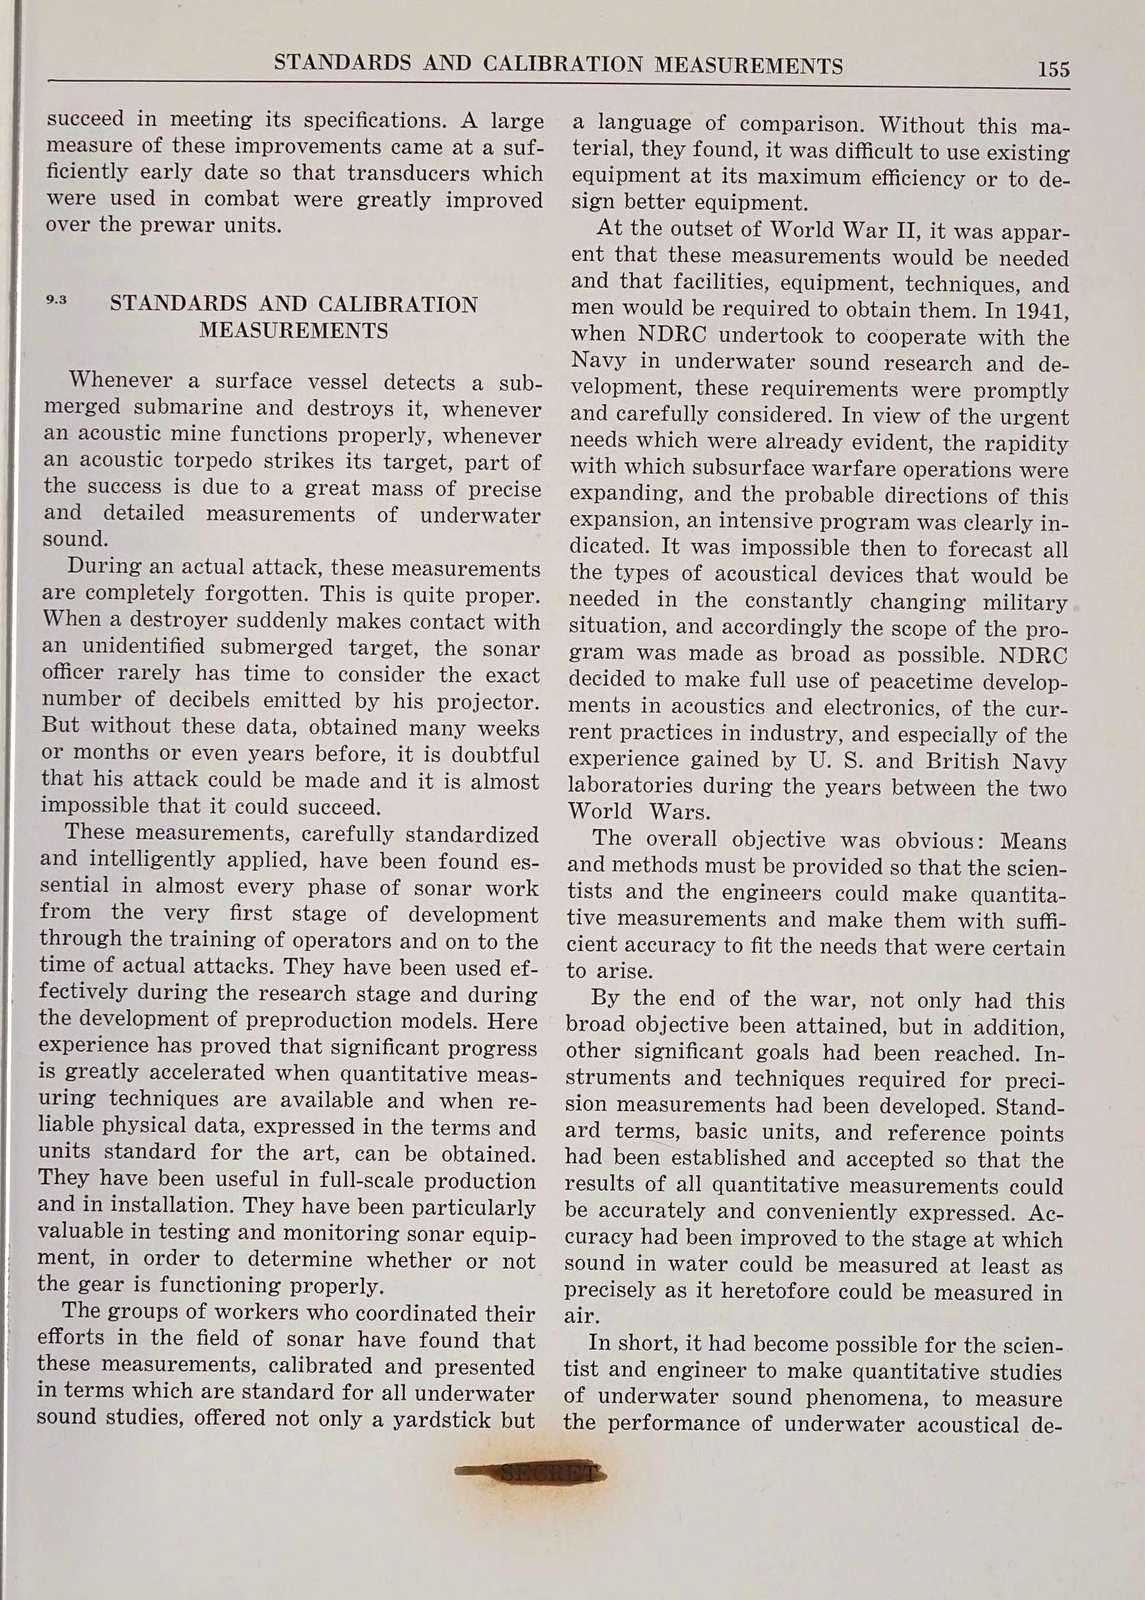 A survey of subsurface warfare in World War II